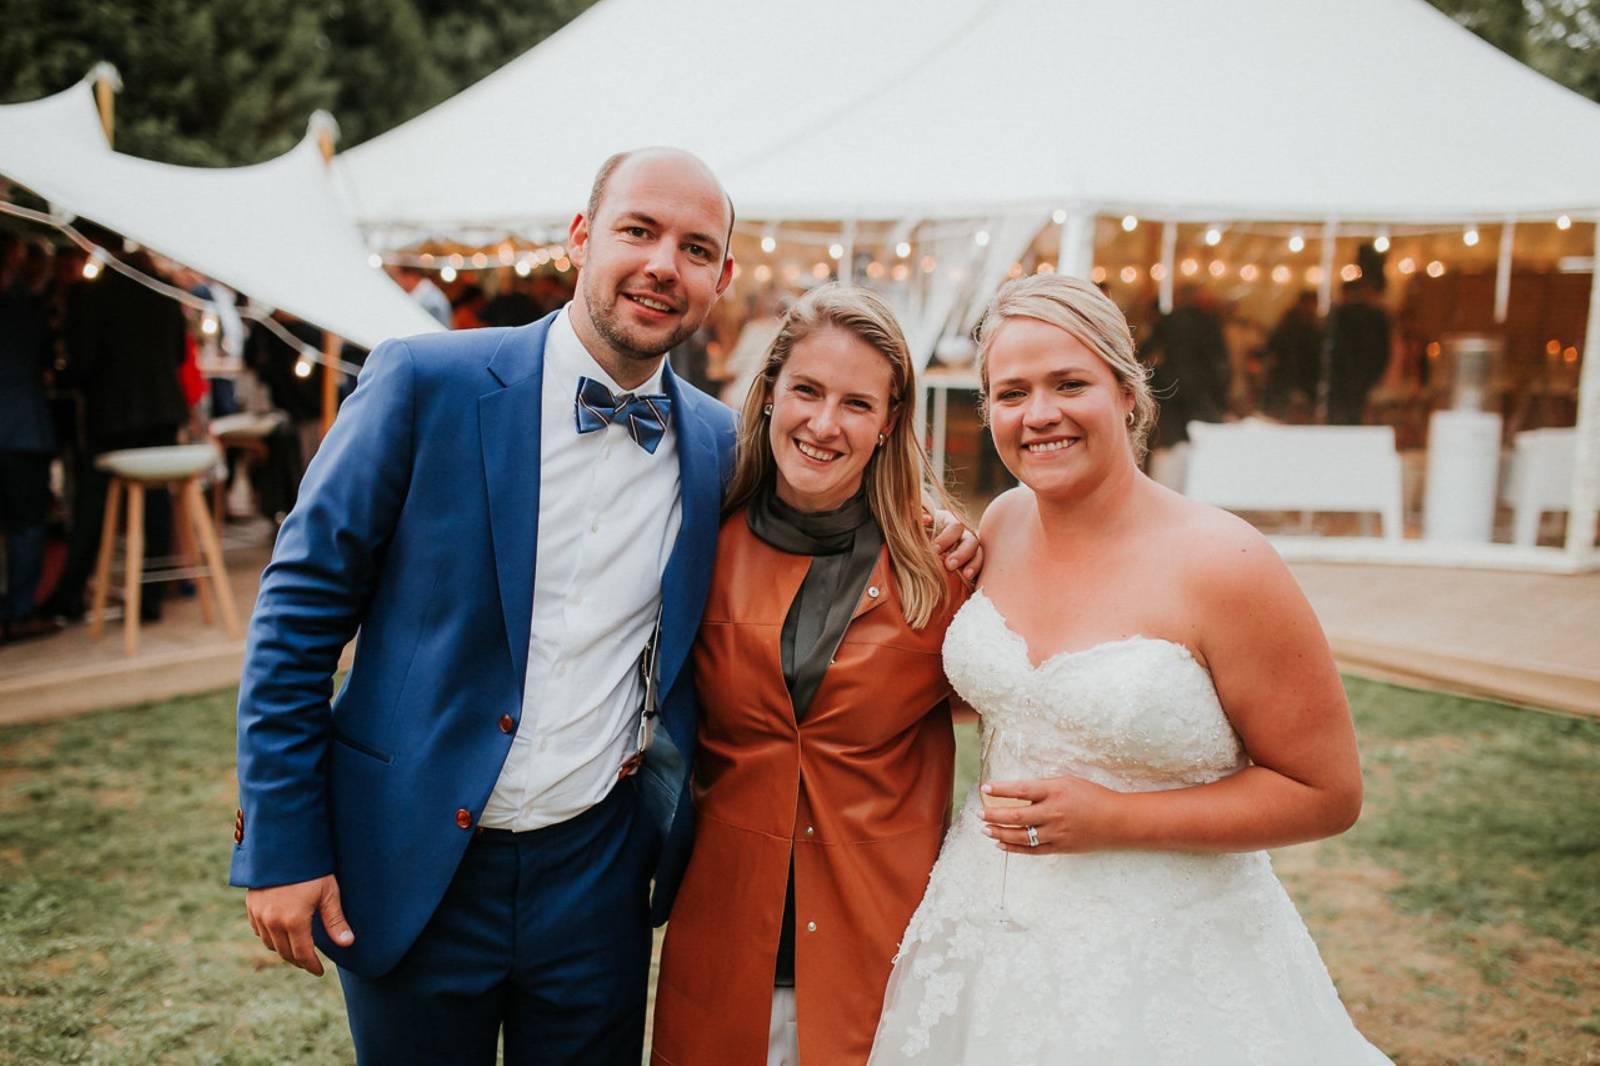 Elegant Events - Weddingplanner - Fotograaf Isenoud Fotografie - House of Weddings (6)